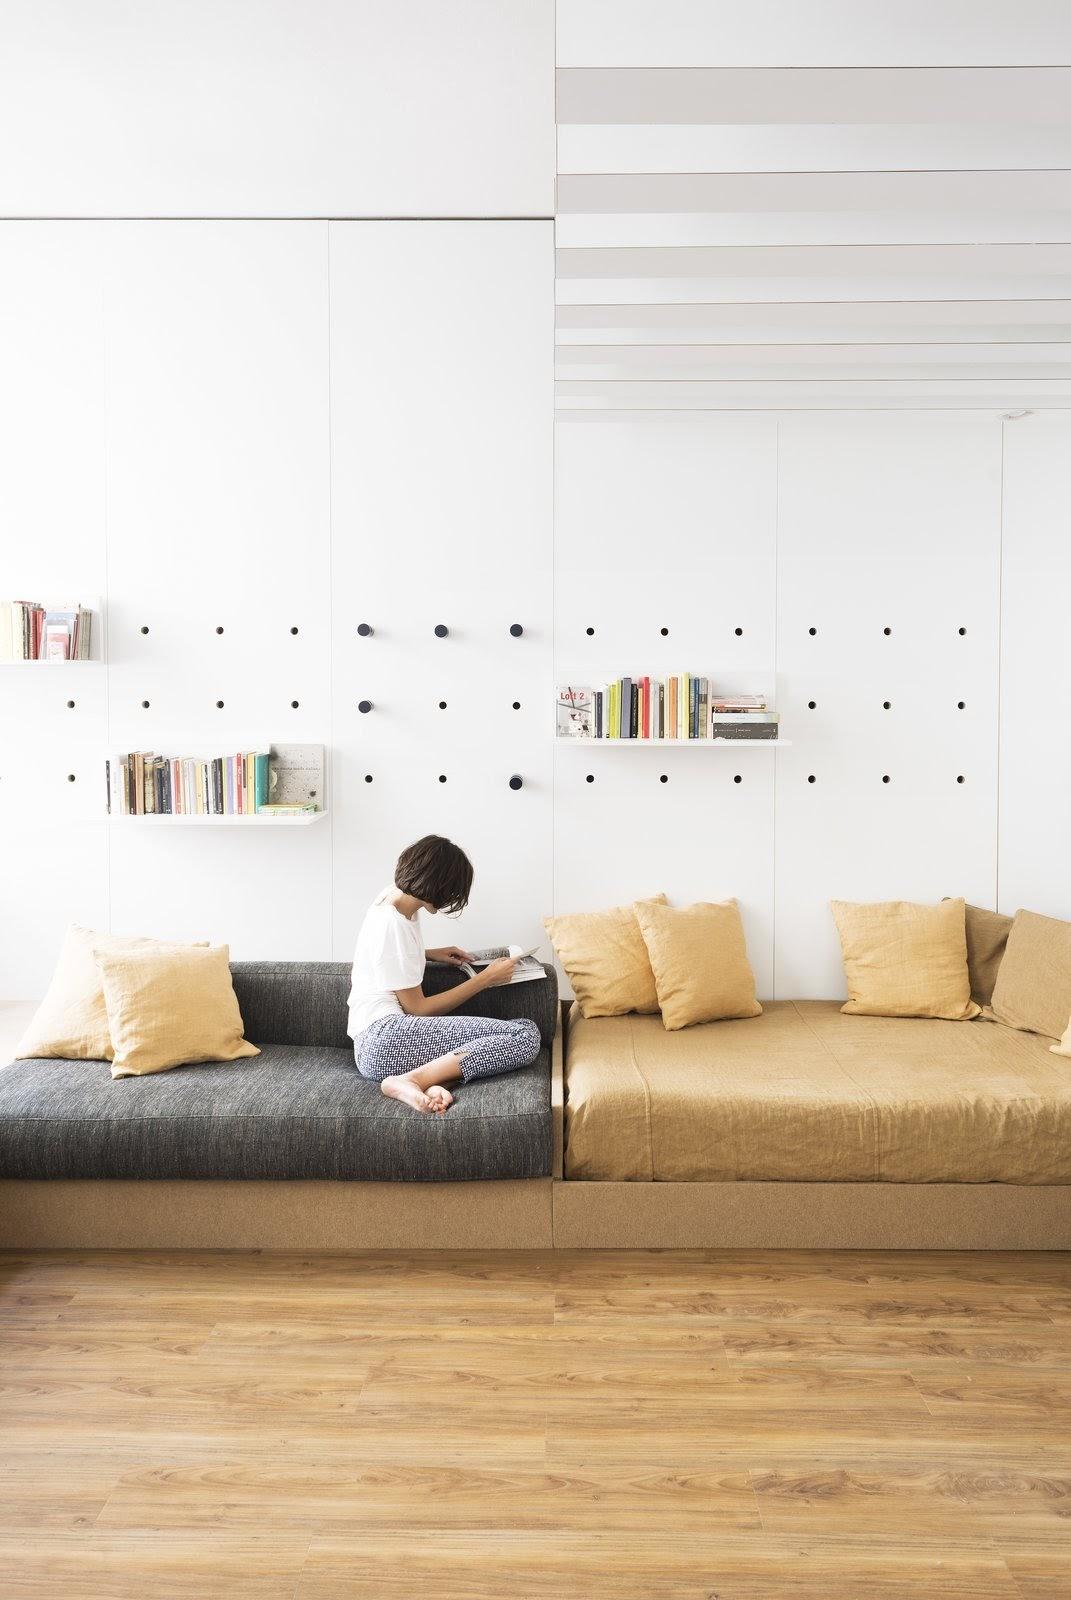 estante porta livros